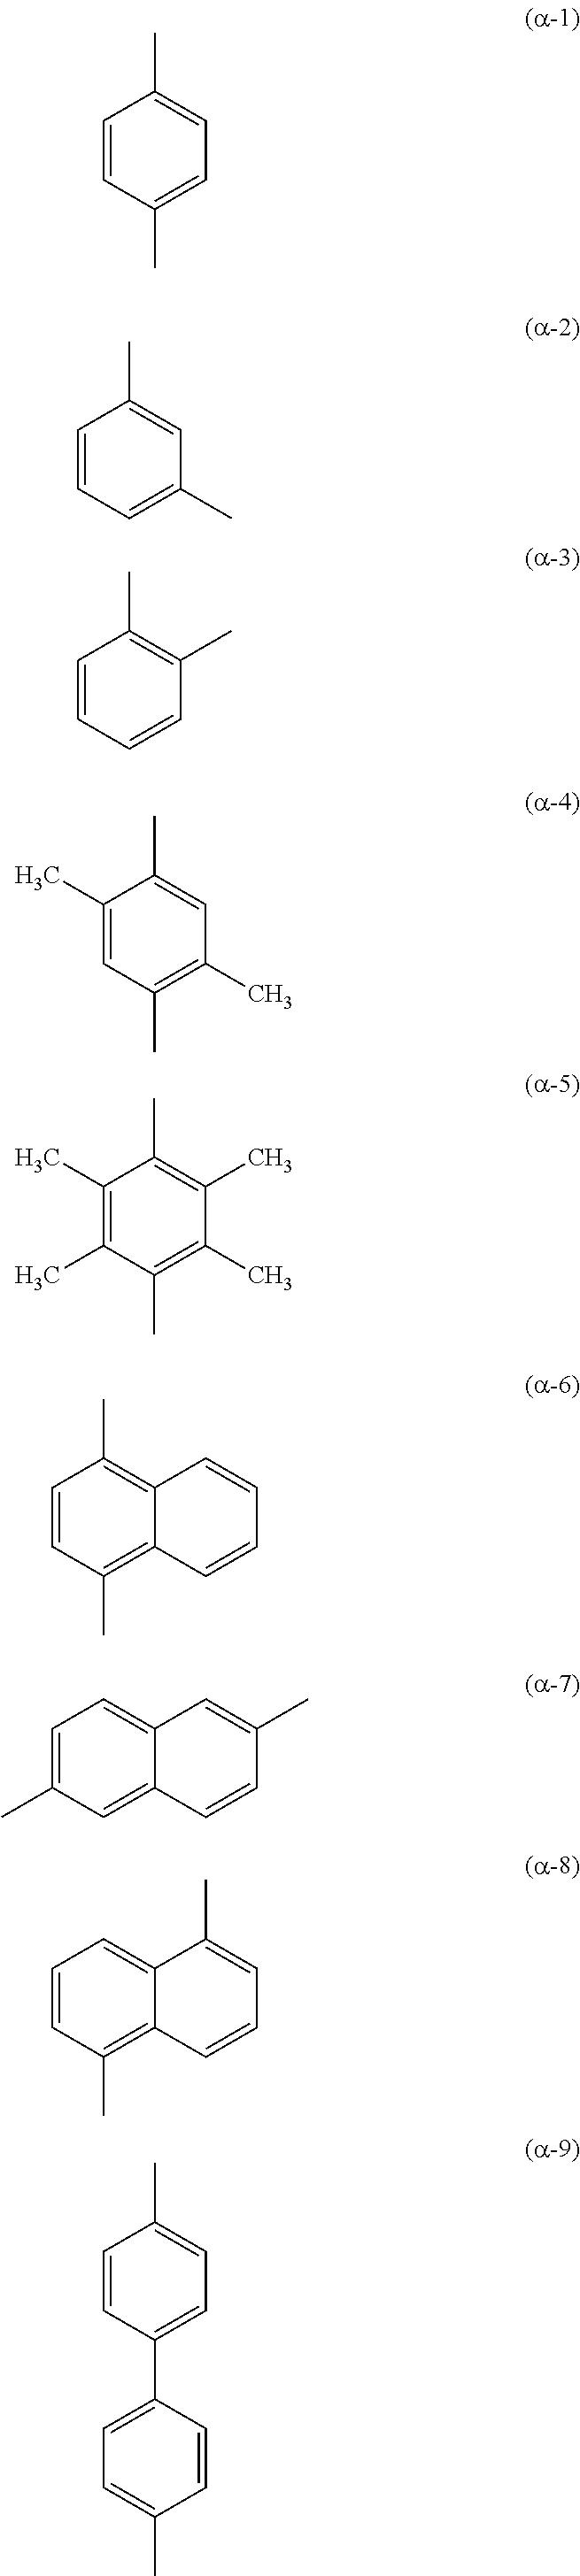 Figure US09240558-20160119-C00031